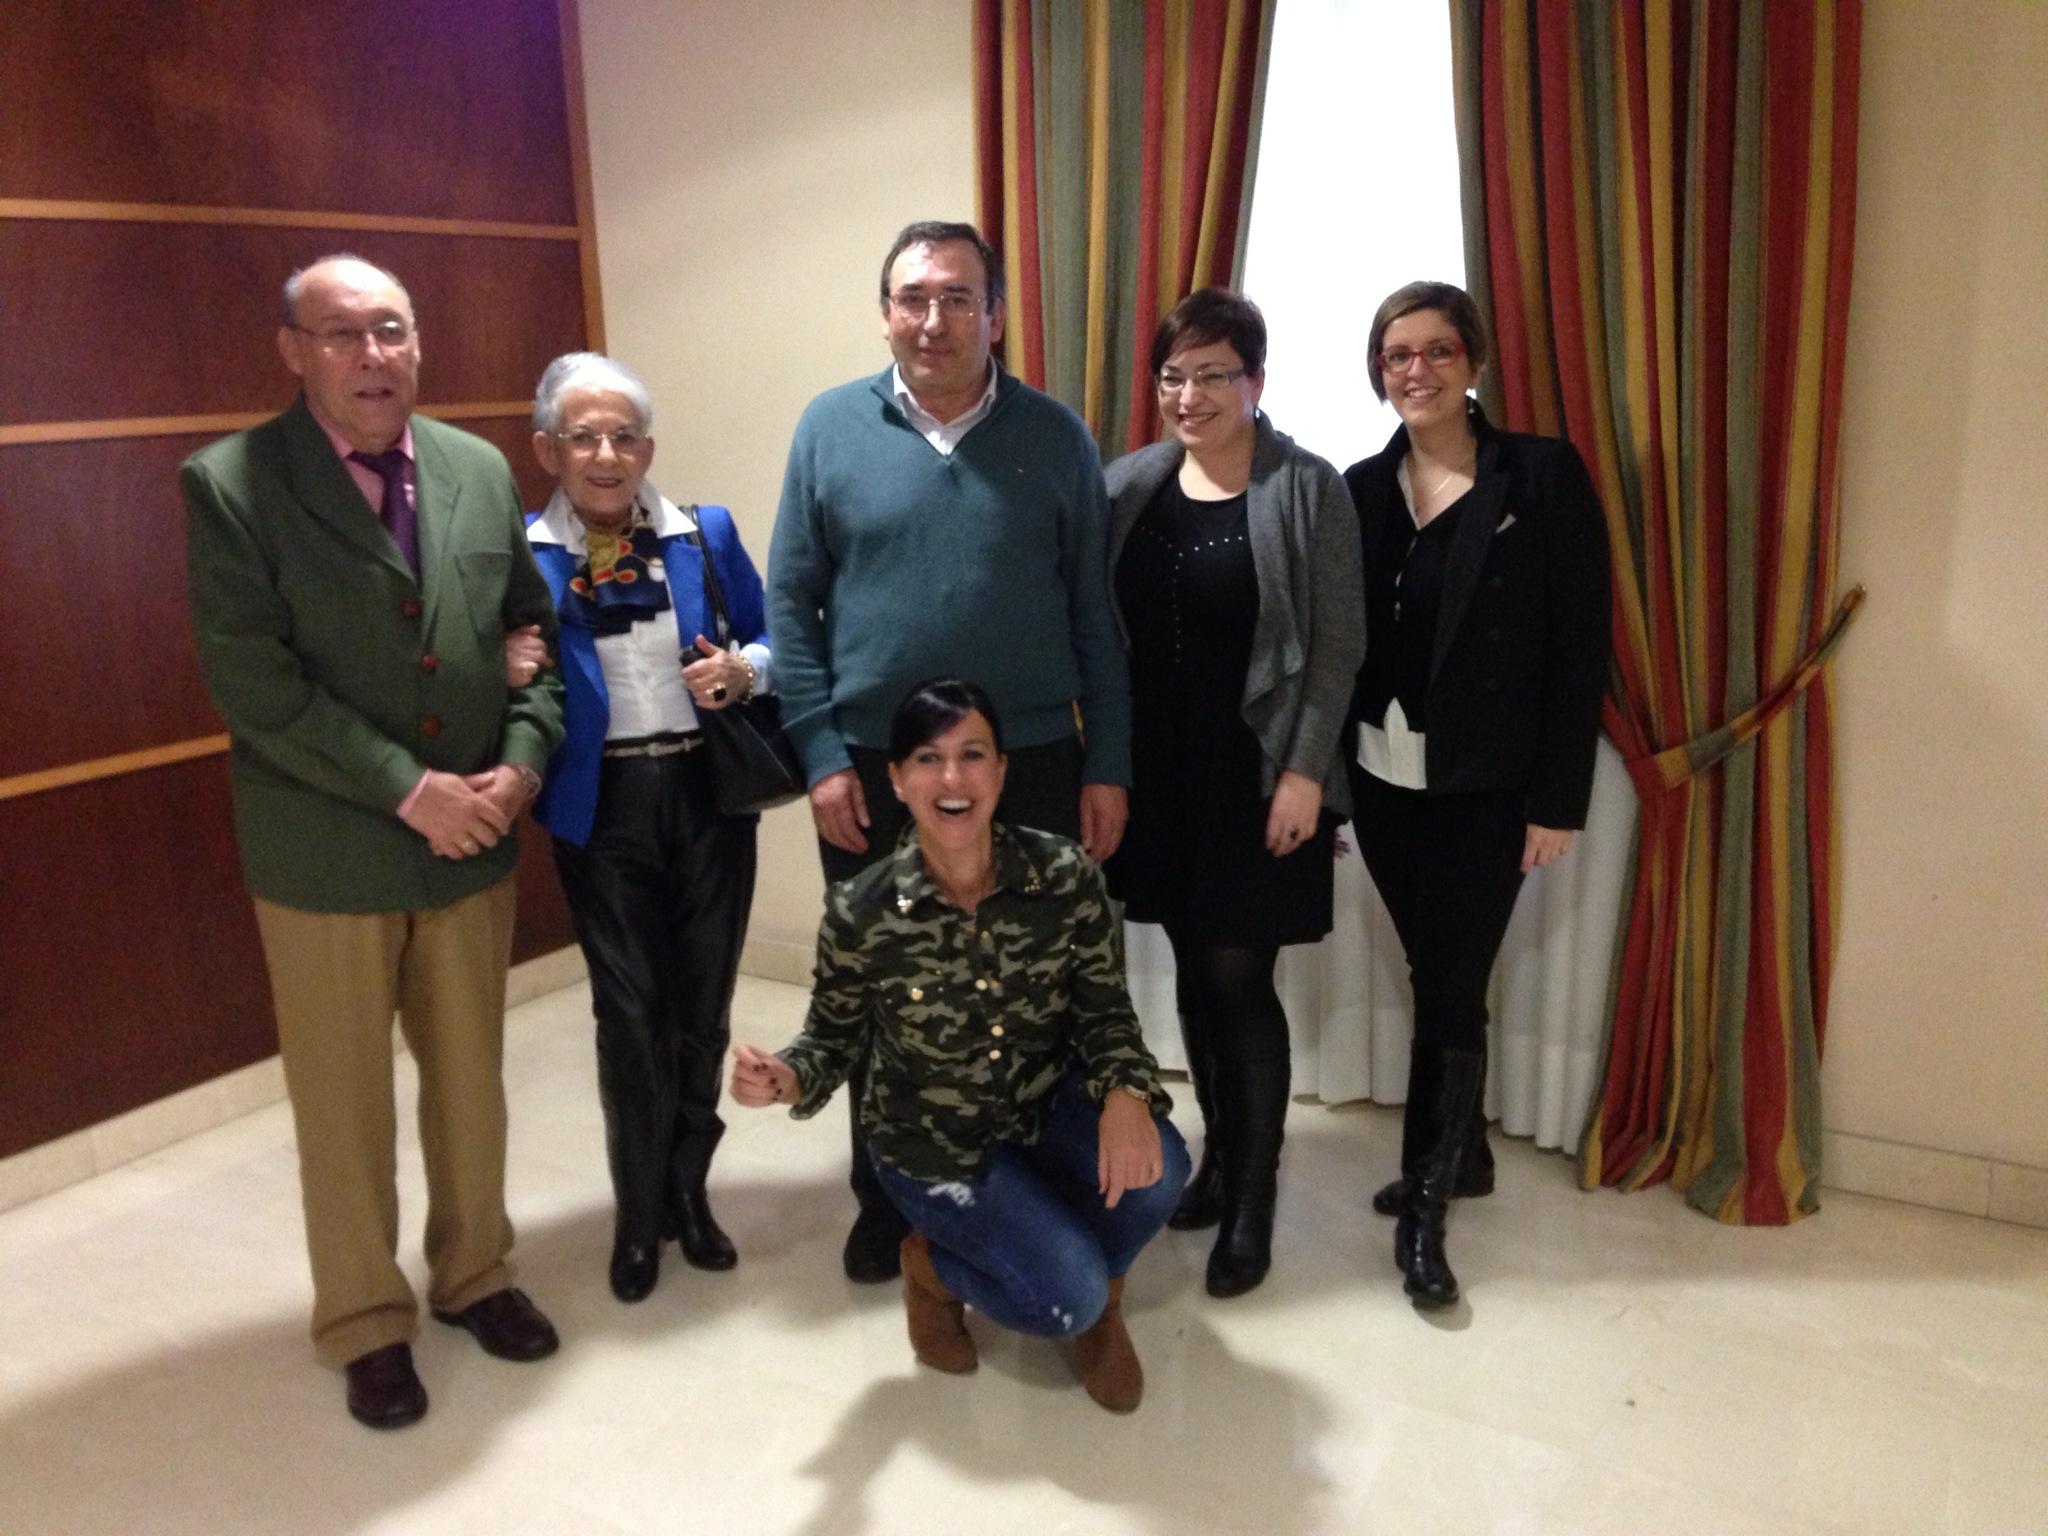 Grupo Simpatizantes UP Vigo-Pontevedra